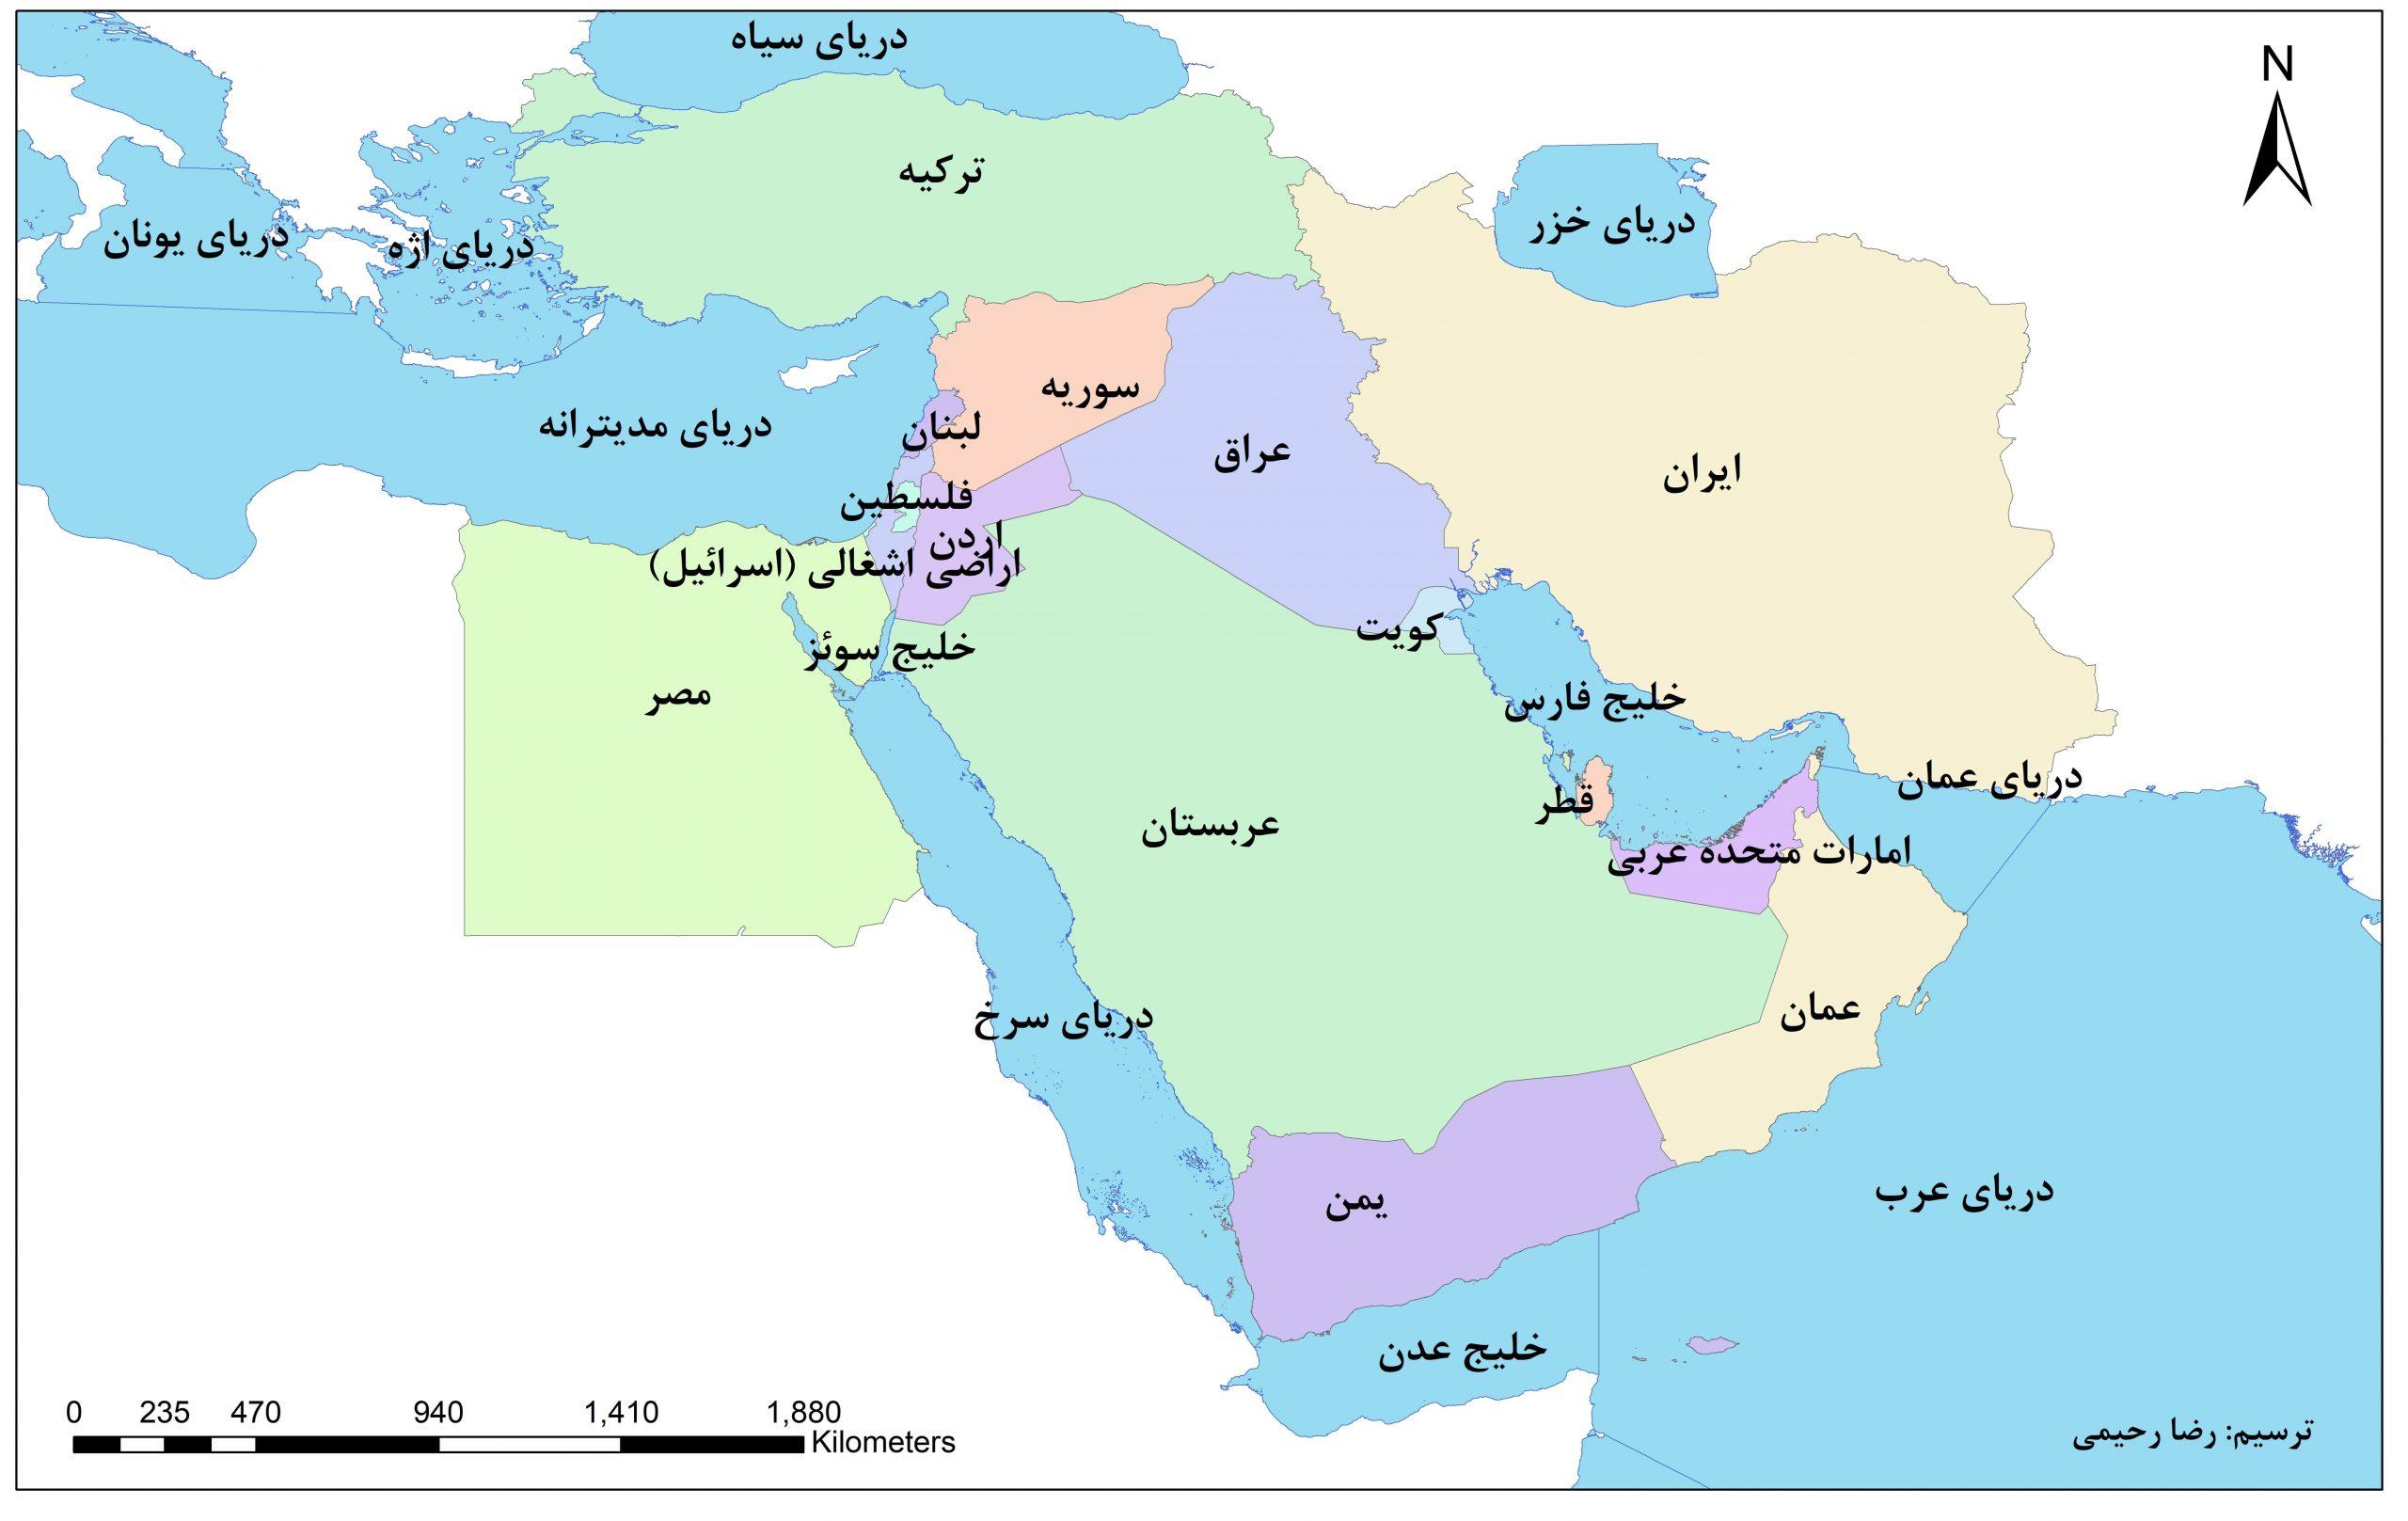 نقشه خاورمیانه - درس هجدهم مطالعات اجتماعی ششم - دریا، نعمت خداوندی - کلاس اینترنتی ما - مومکا - momeka.ir